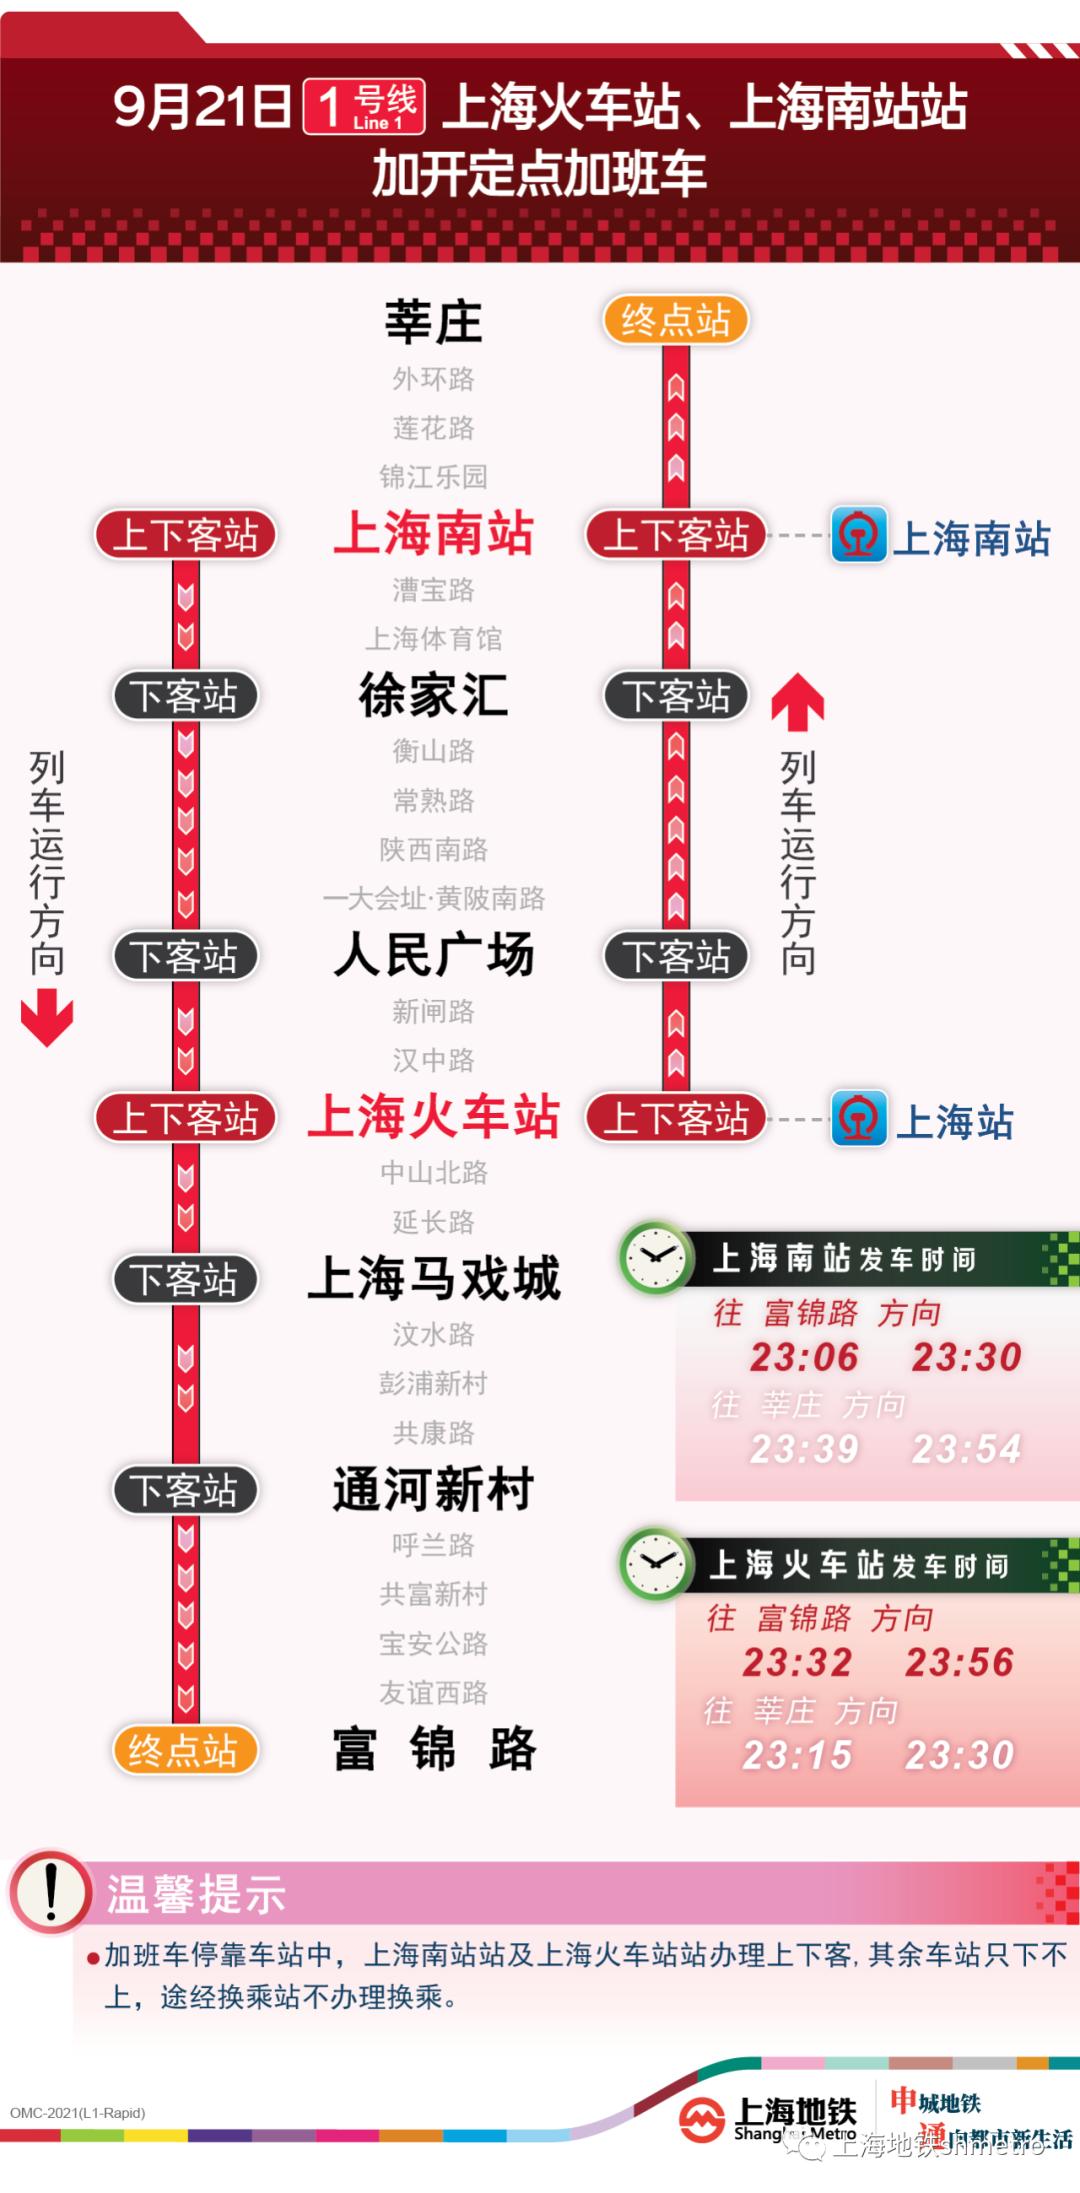 """""""上海地铁shmetro""""微信公号 图"""